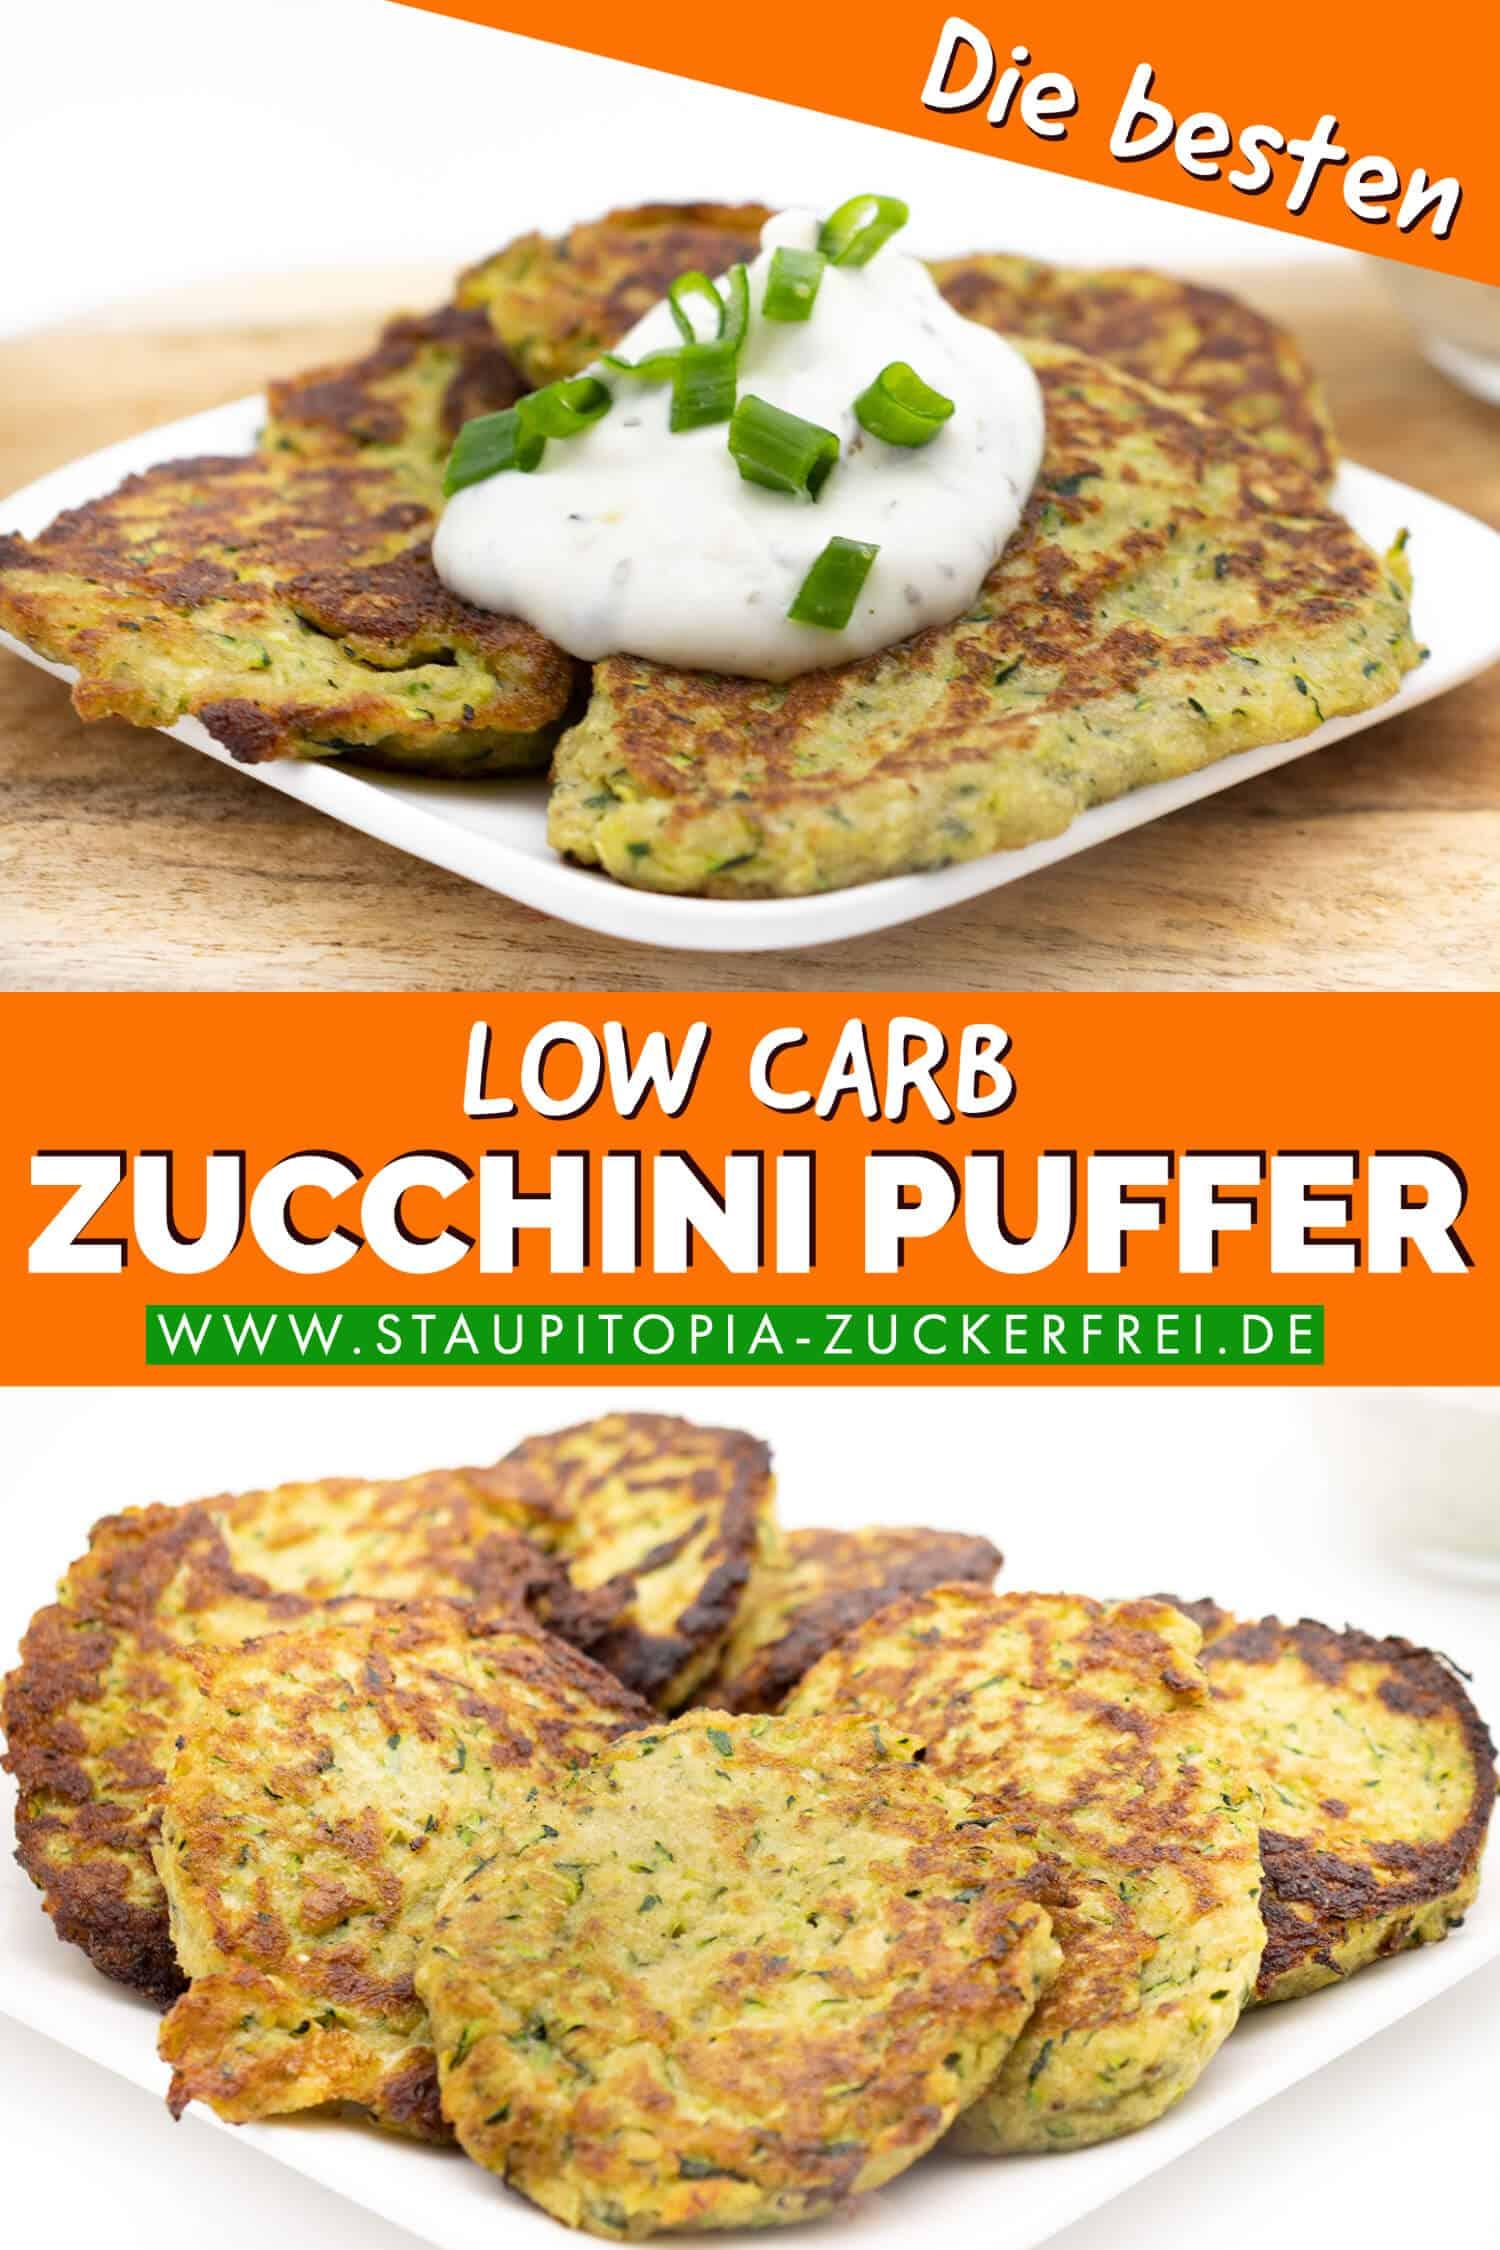 Low Carb Zucchini Puffer schnell und einfach